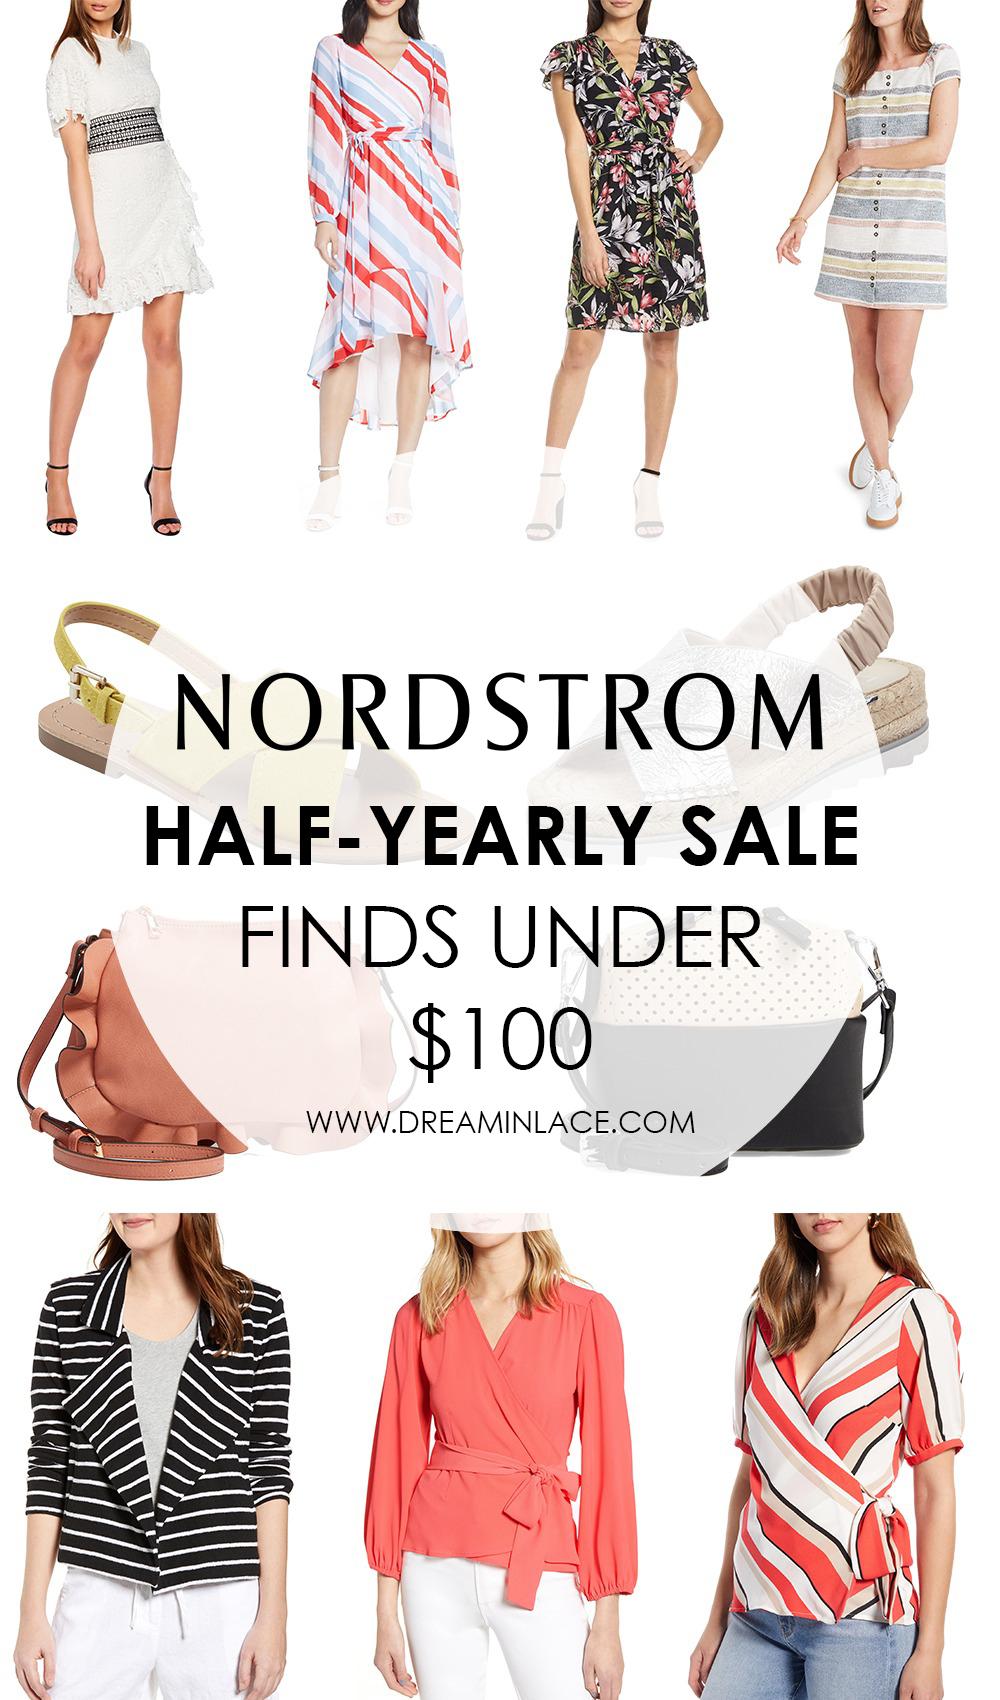 Nordstrom Sale Finds Under $100 I Summer Styles #Nordstrom #Nsale #ShoppingTips